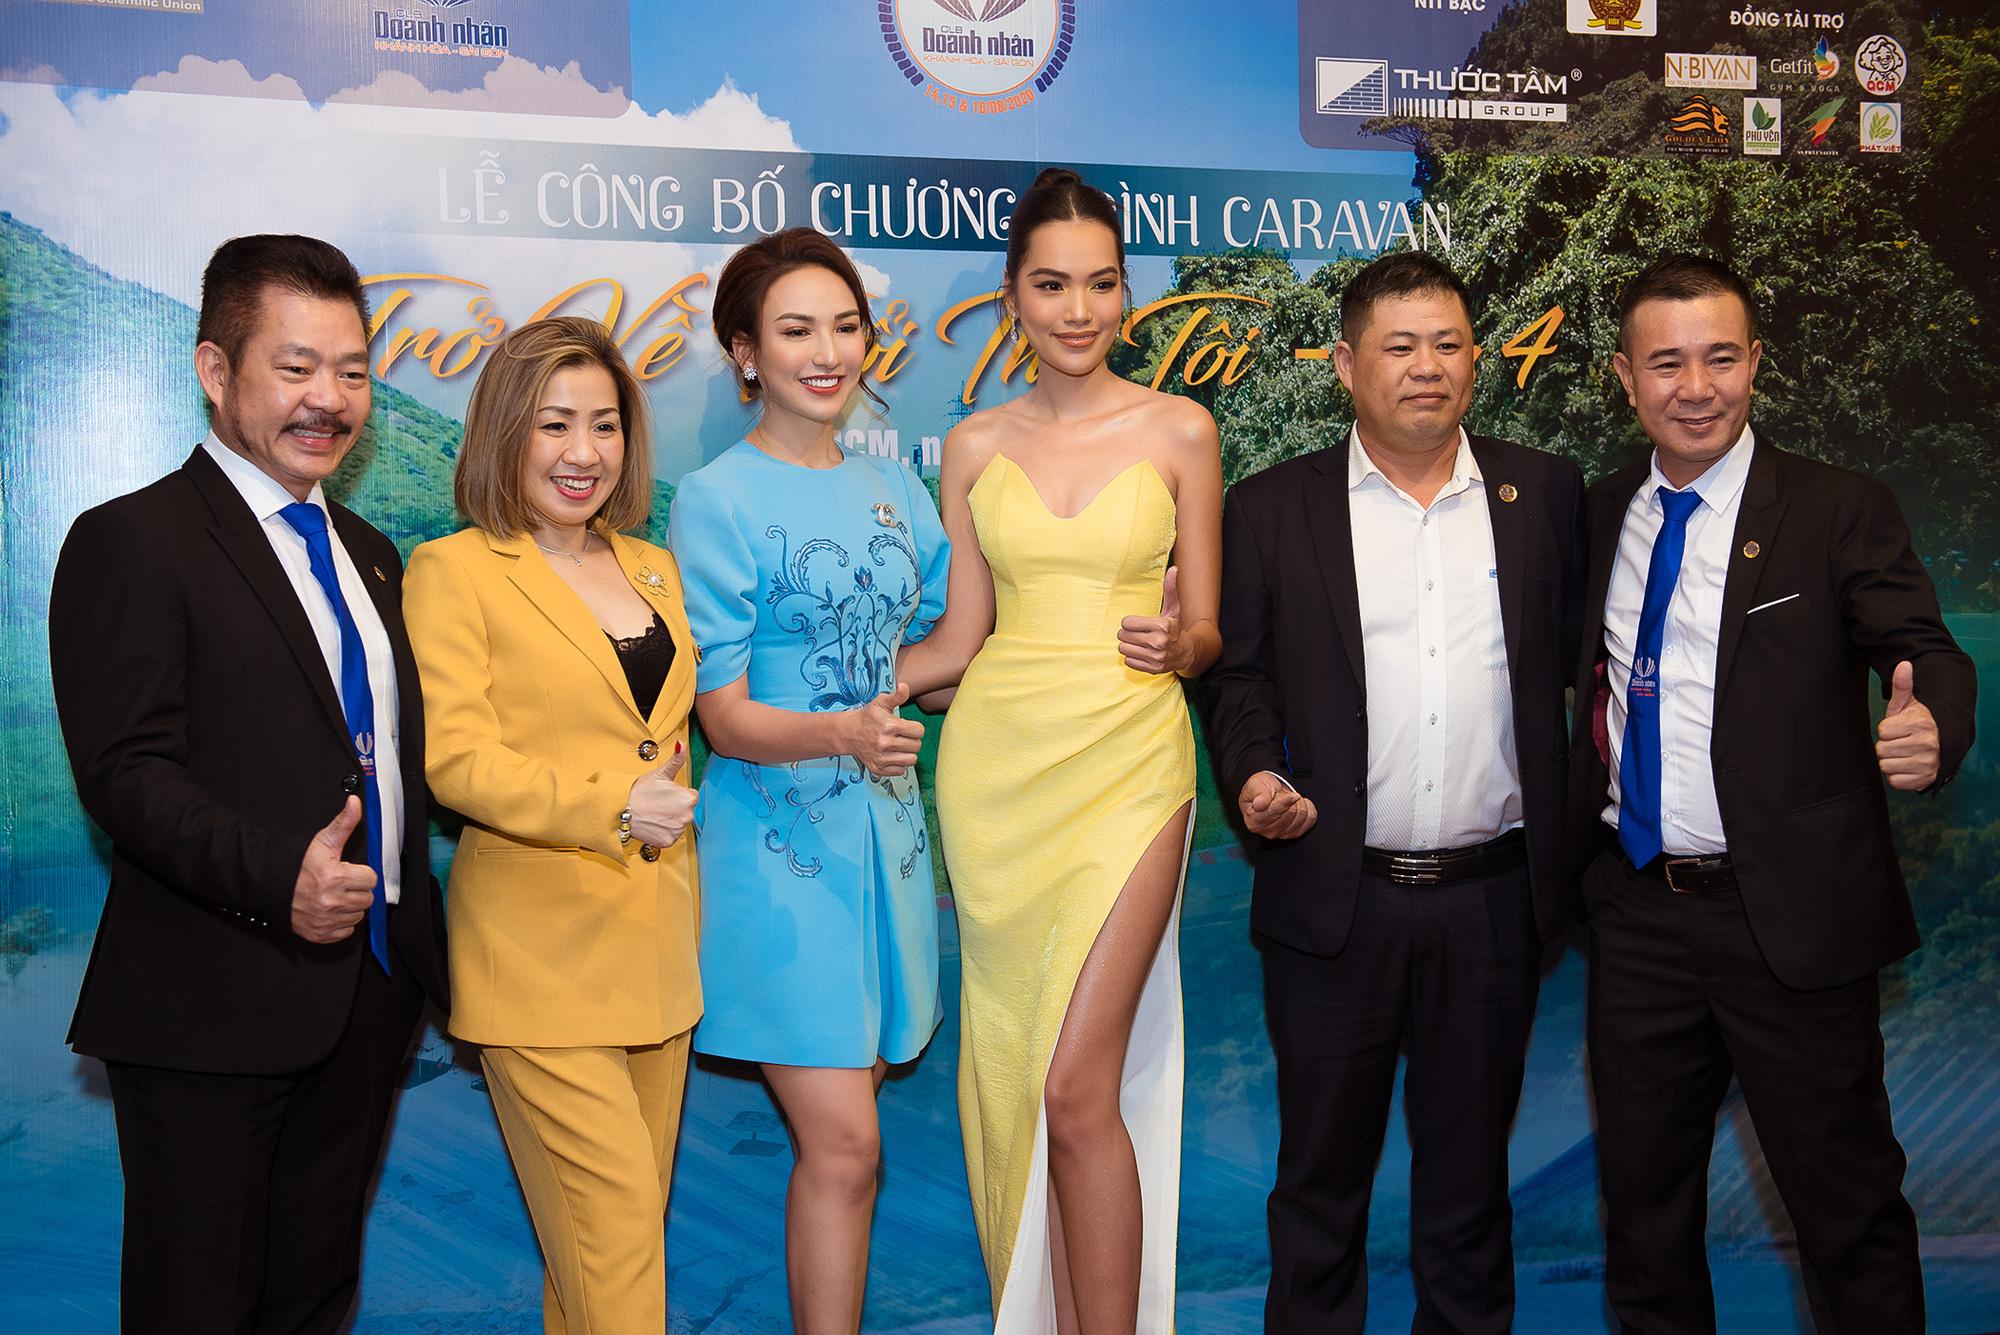 Hoa hậu Ngọc Diễm hội ngộ Dương Triệu Vũ tại Caravan thiện nguyện - Ảnh 3.